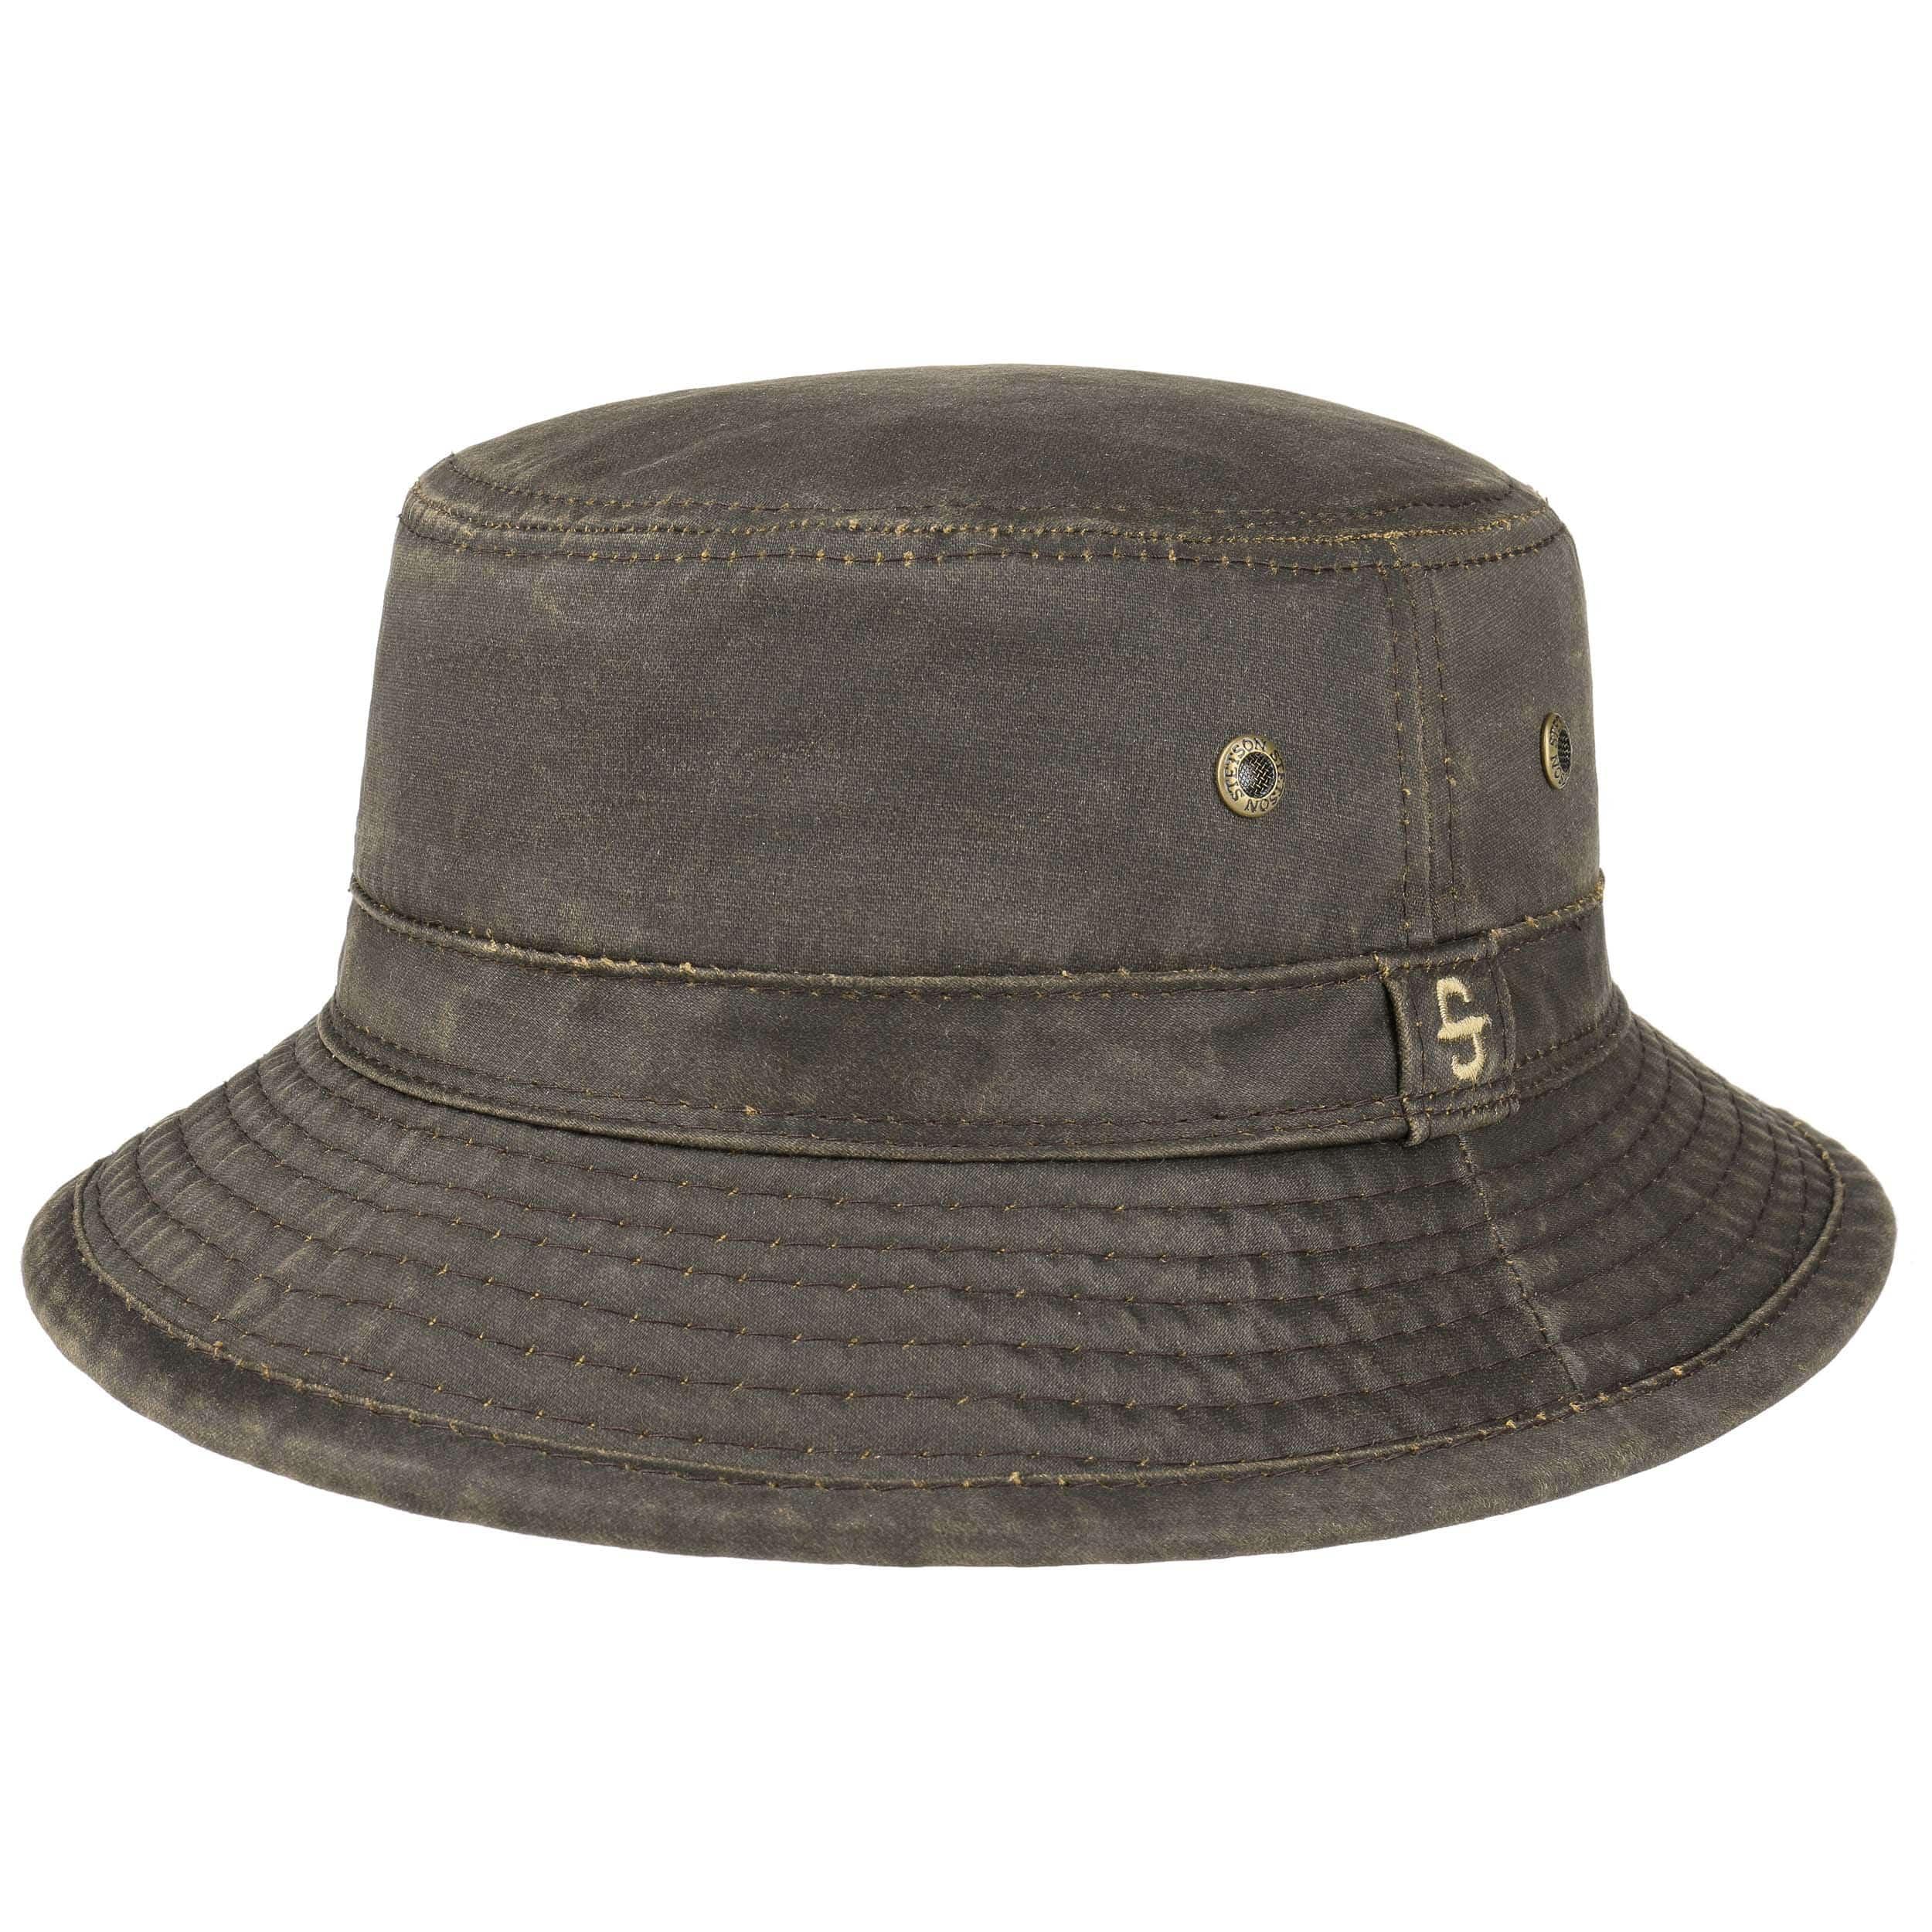 56150890288a2 Sombrero de Tela Drasco by Stetson - Sombreros - sombreroshop.es